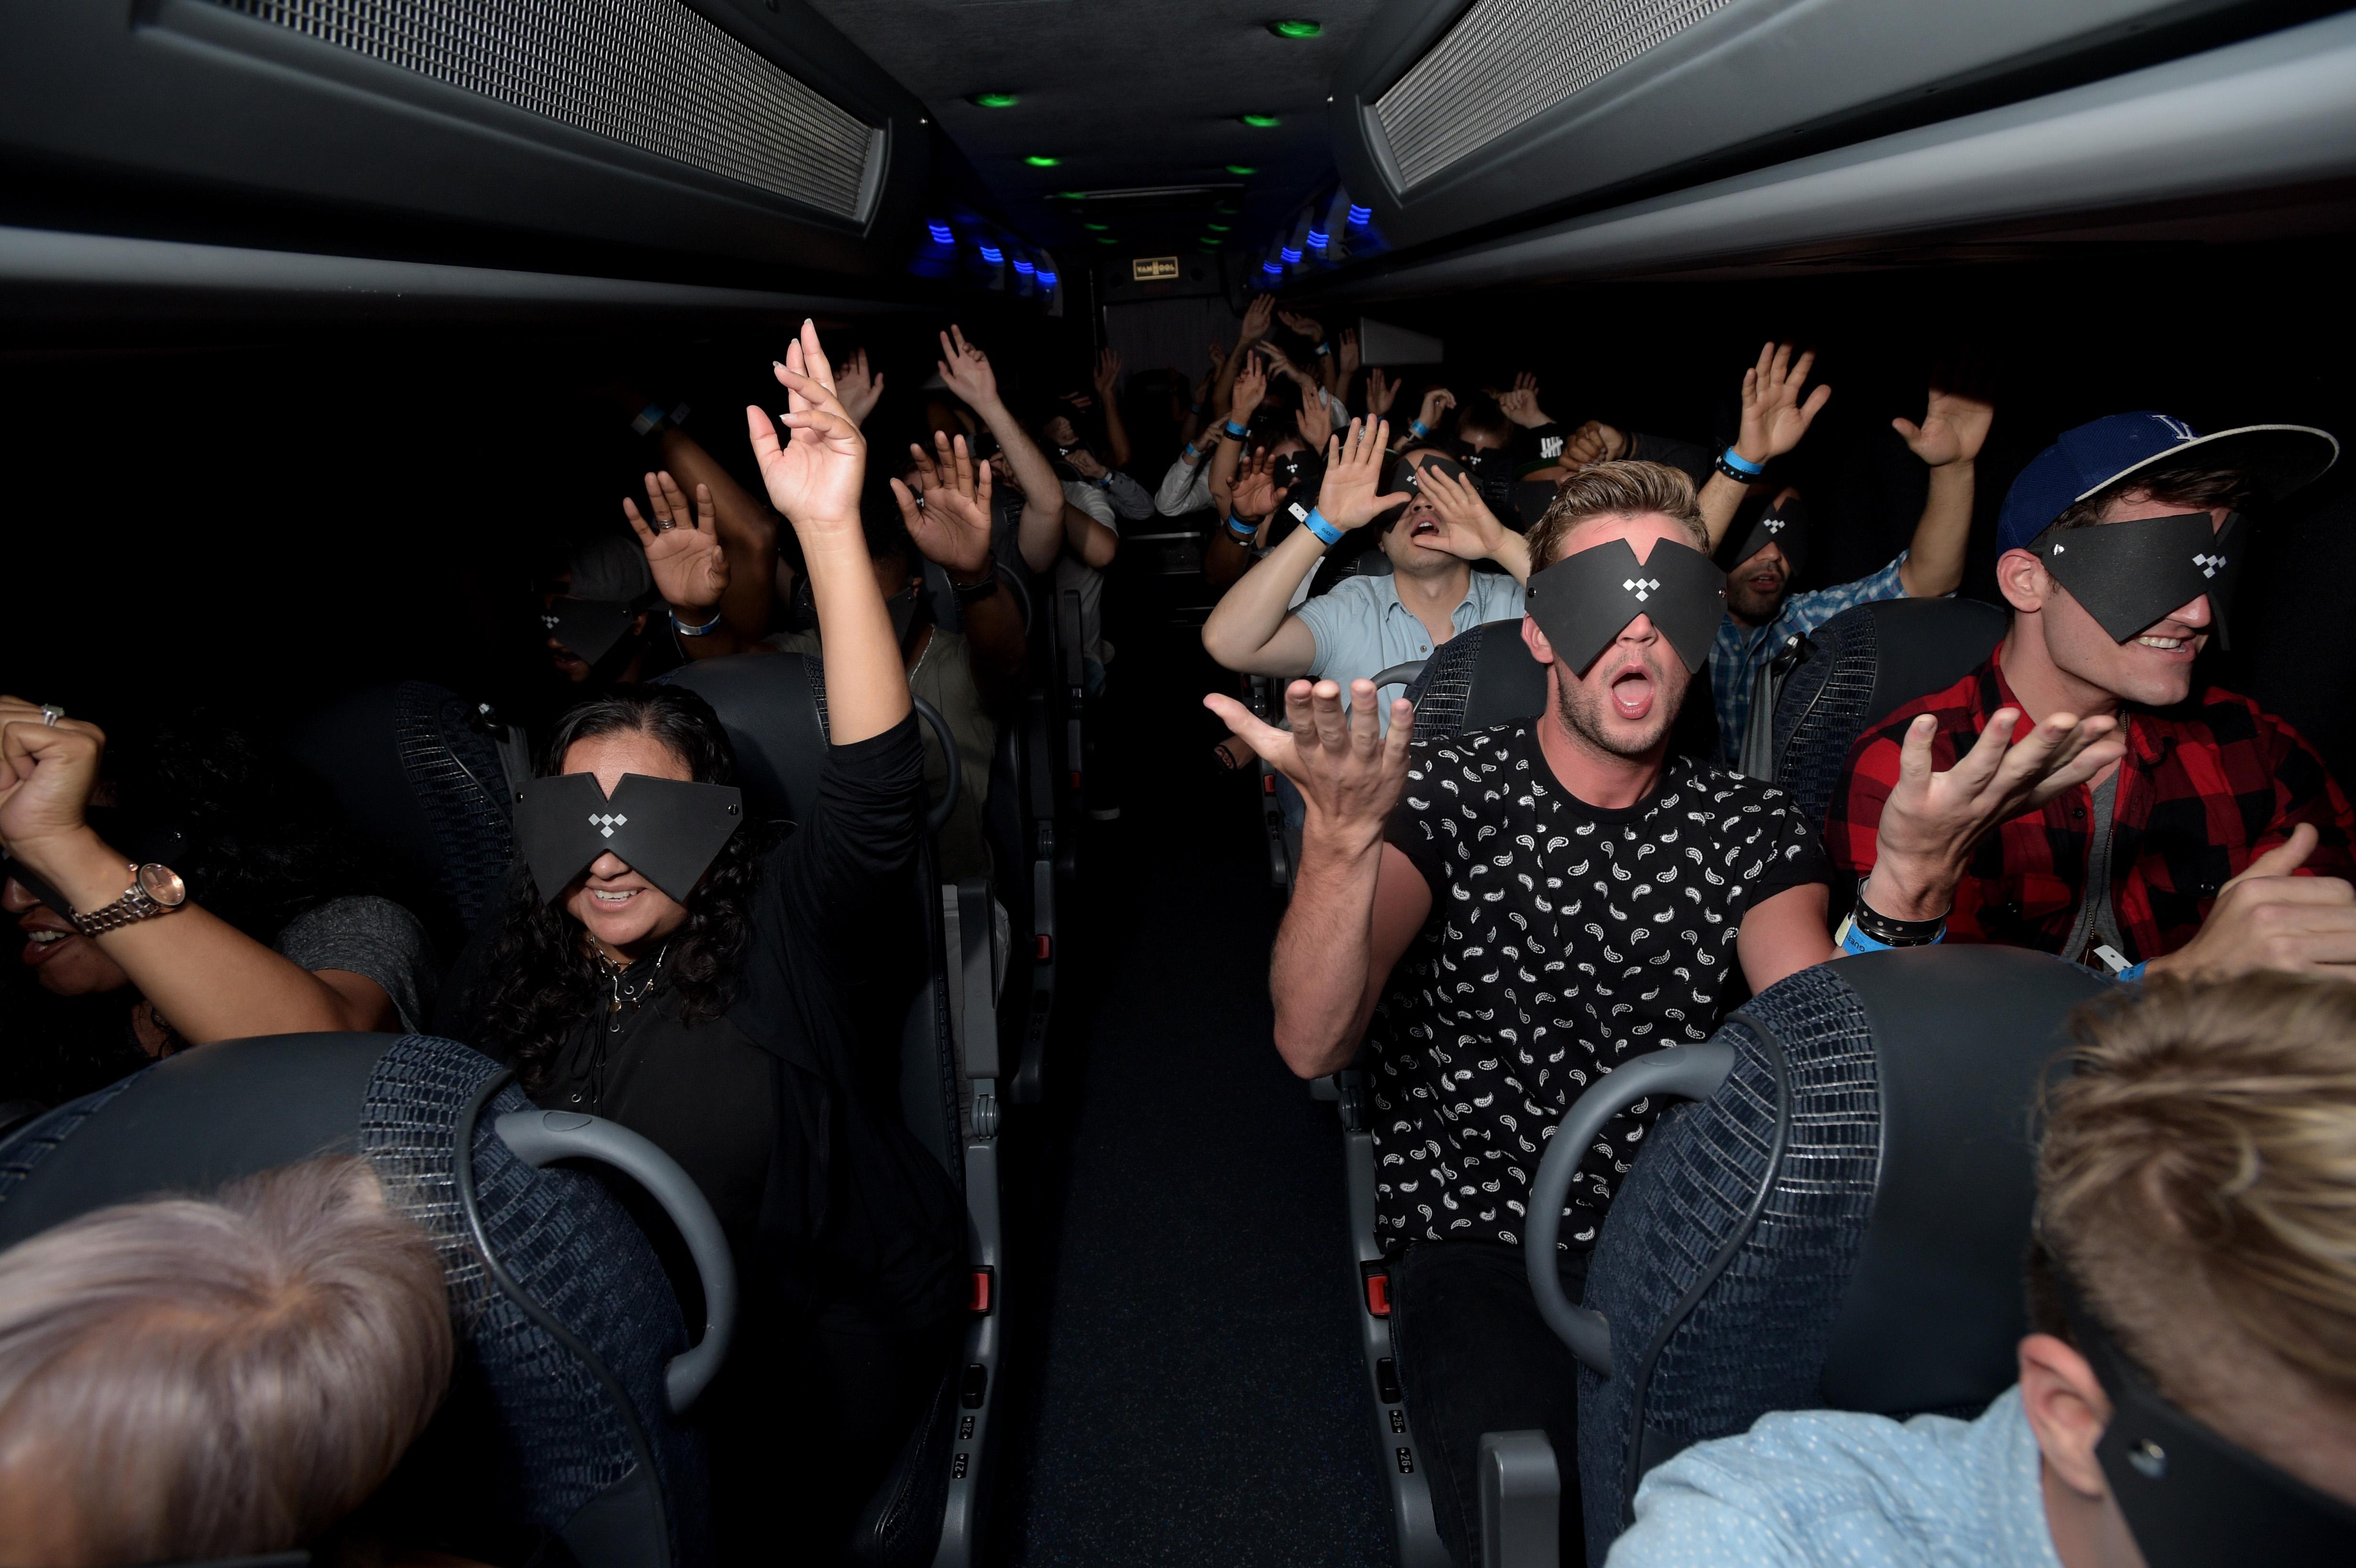 Rihanna fans on a bus